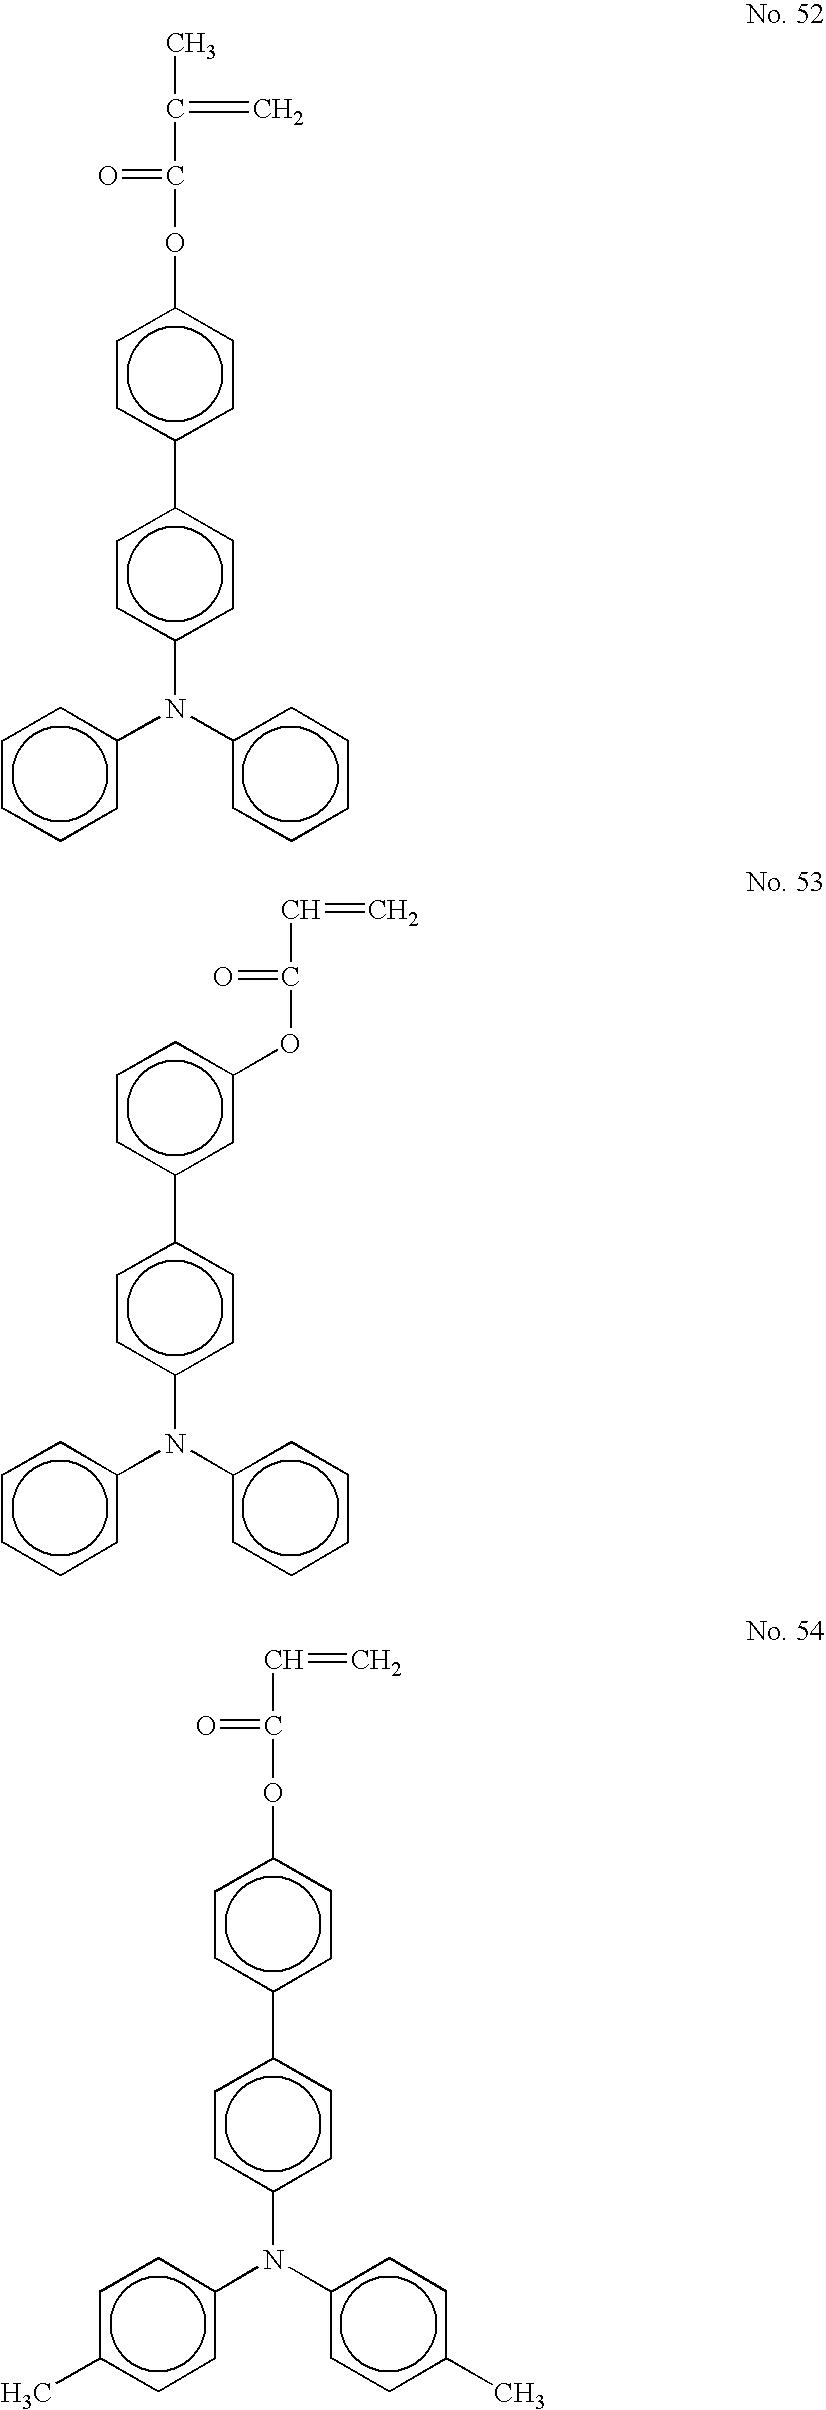 Figure US07361438-20080422-C00025